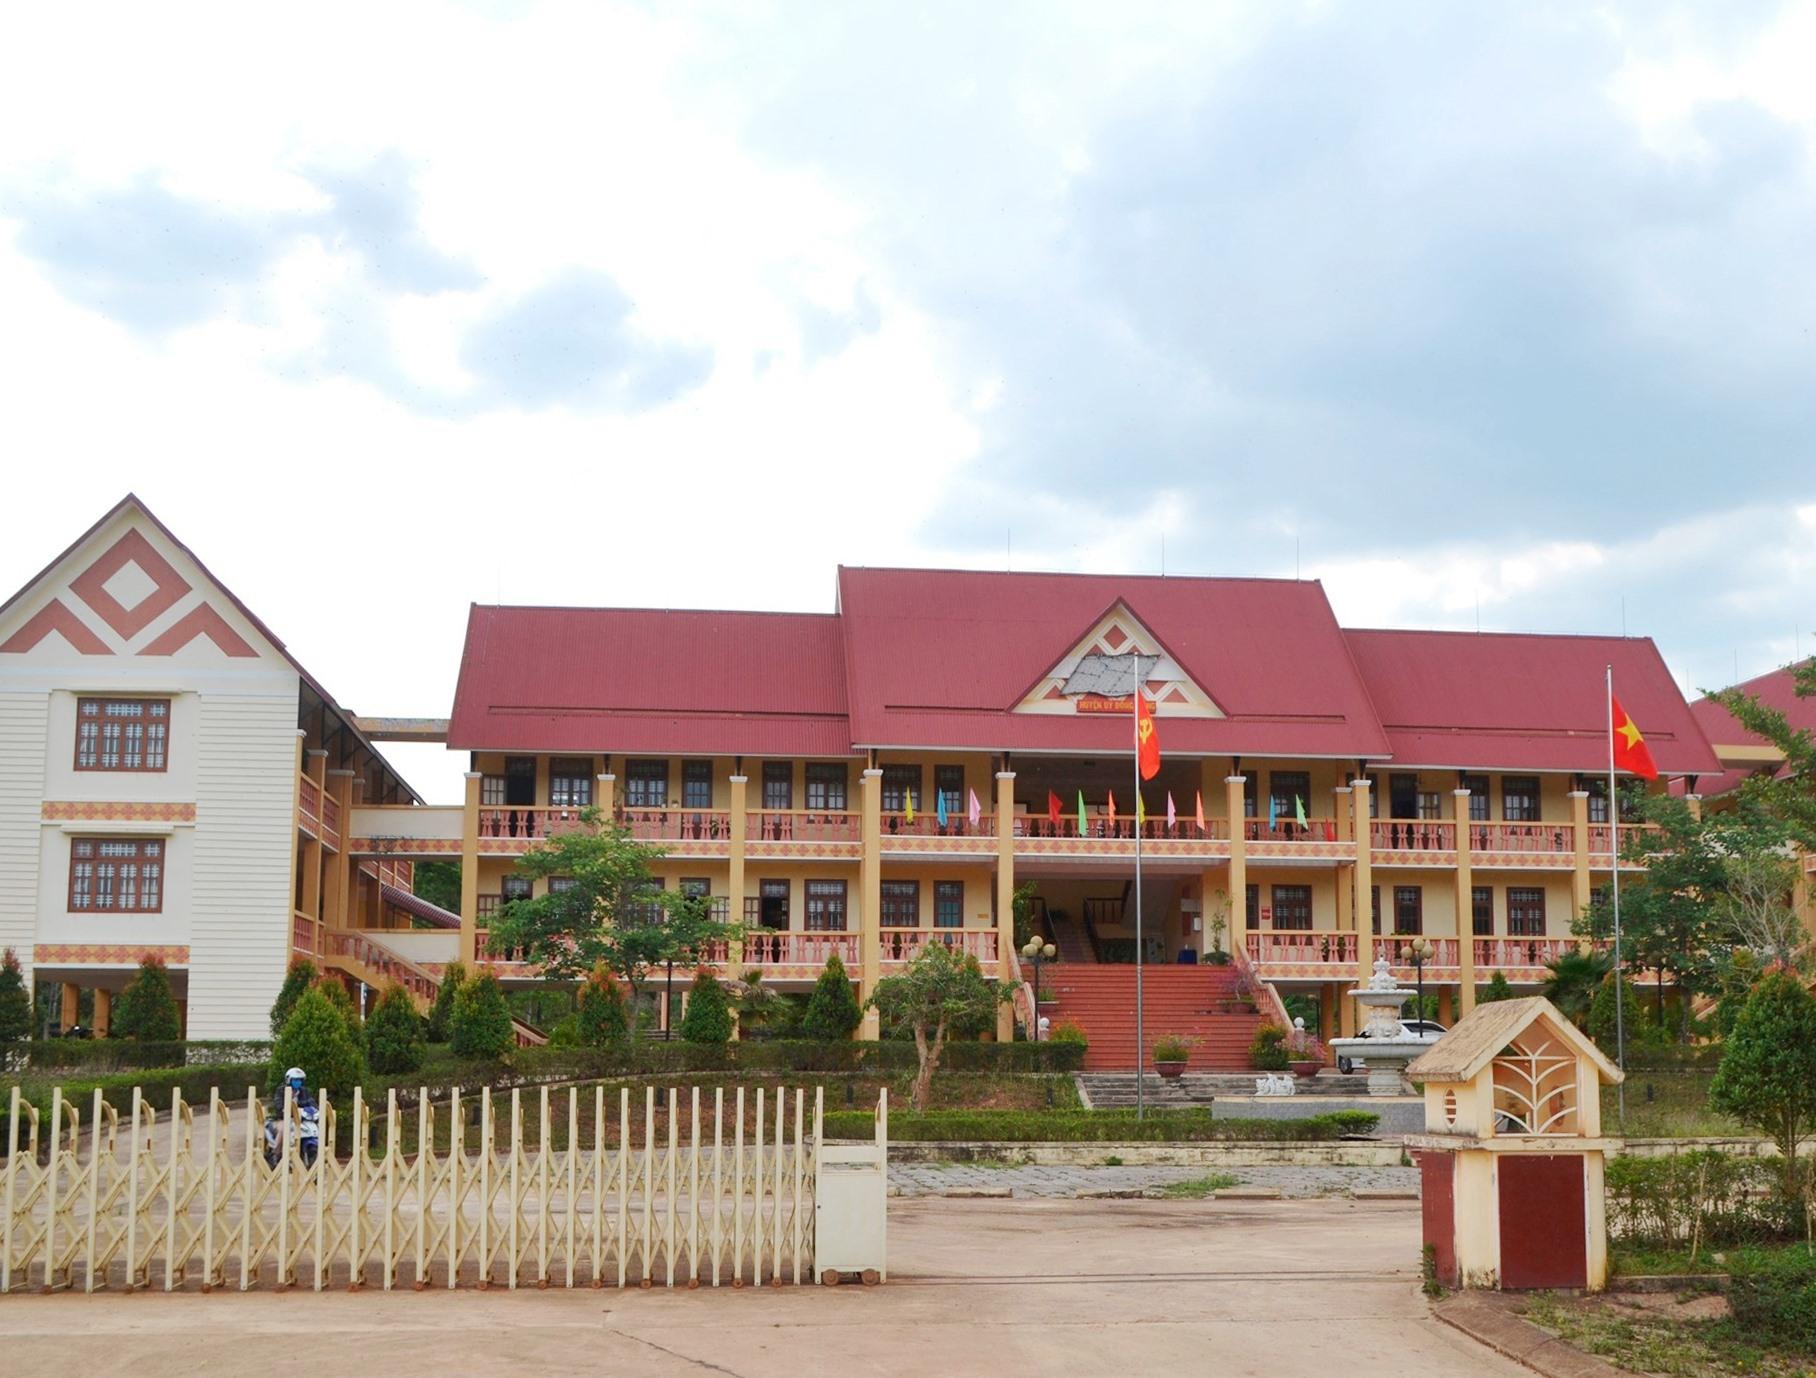 Huyện ủy Đông Giang đã và đang tích cực chuẩn bị tổ chức Đại hội đại biểu Đảng bộ huyện lần thứ XIX. Ảnh: C.T